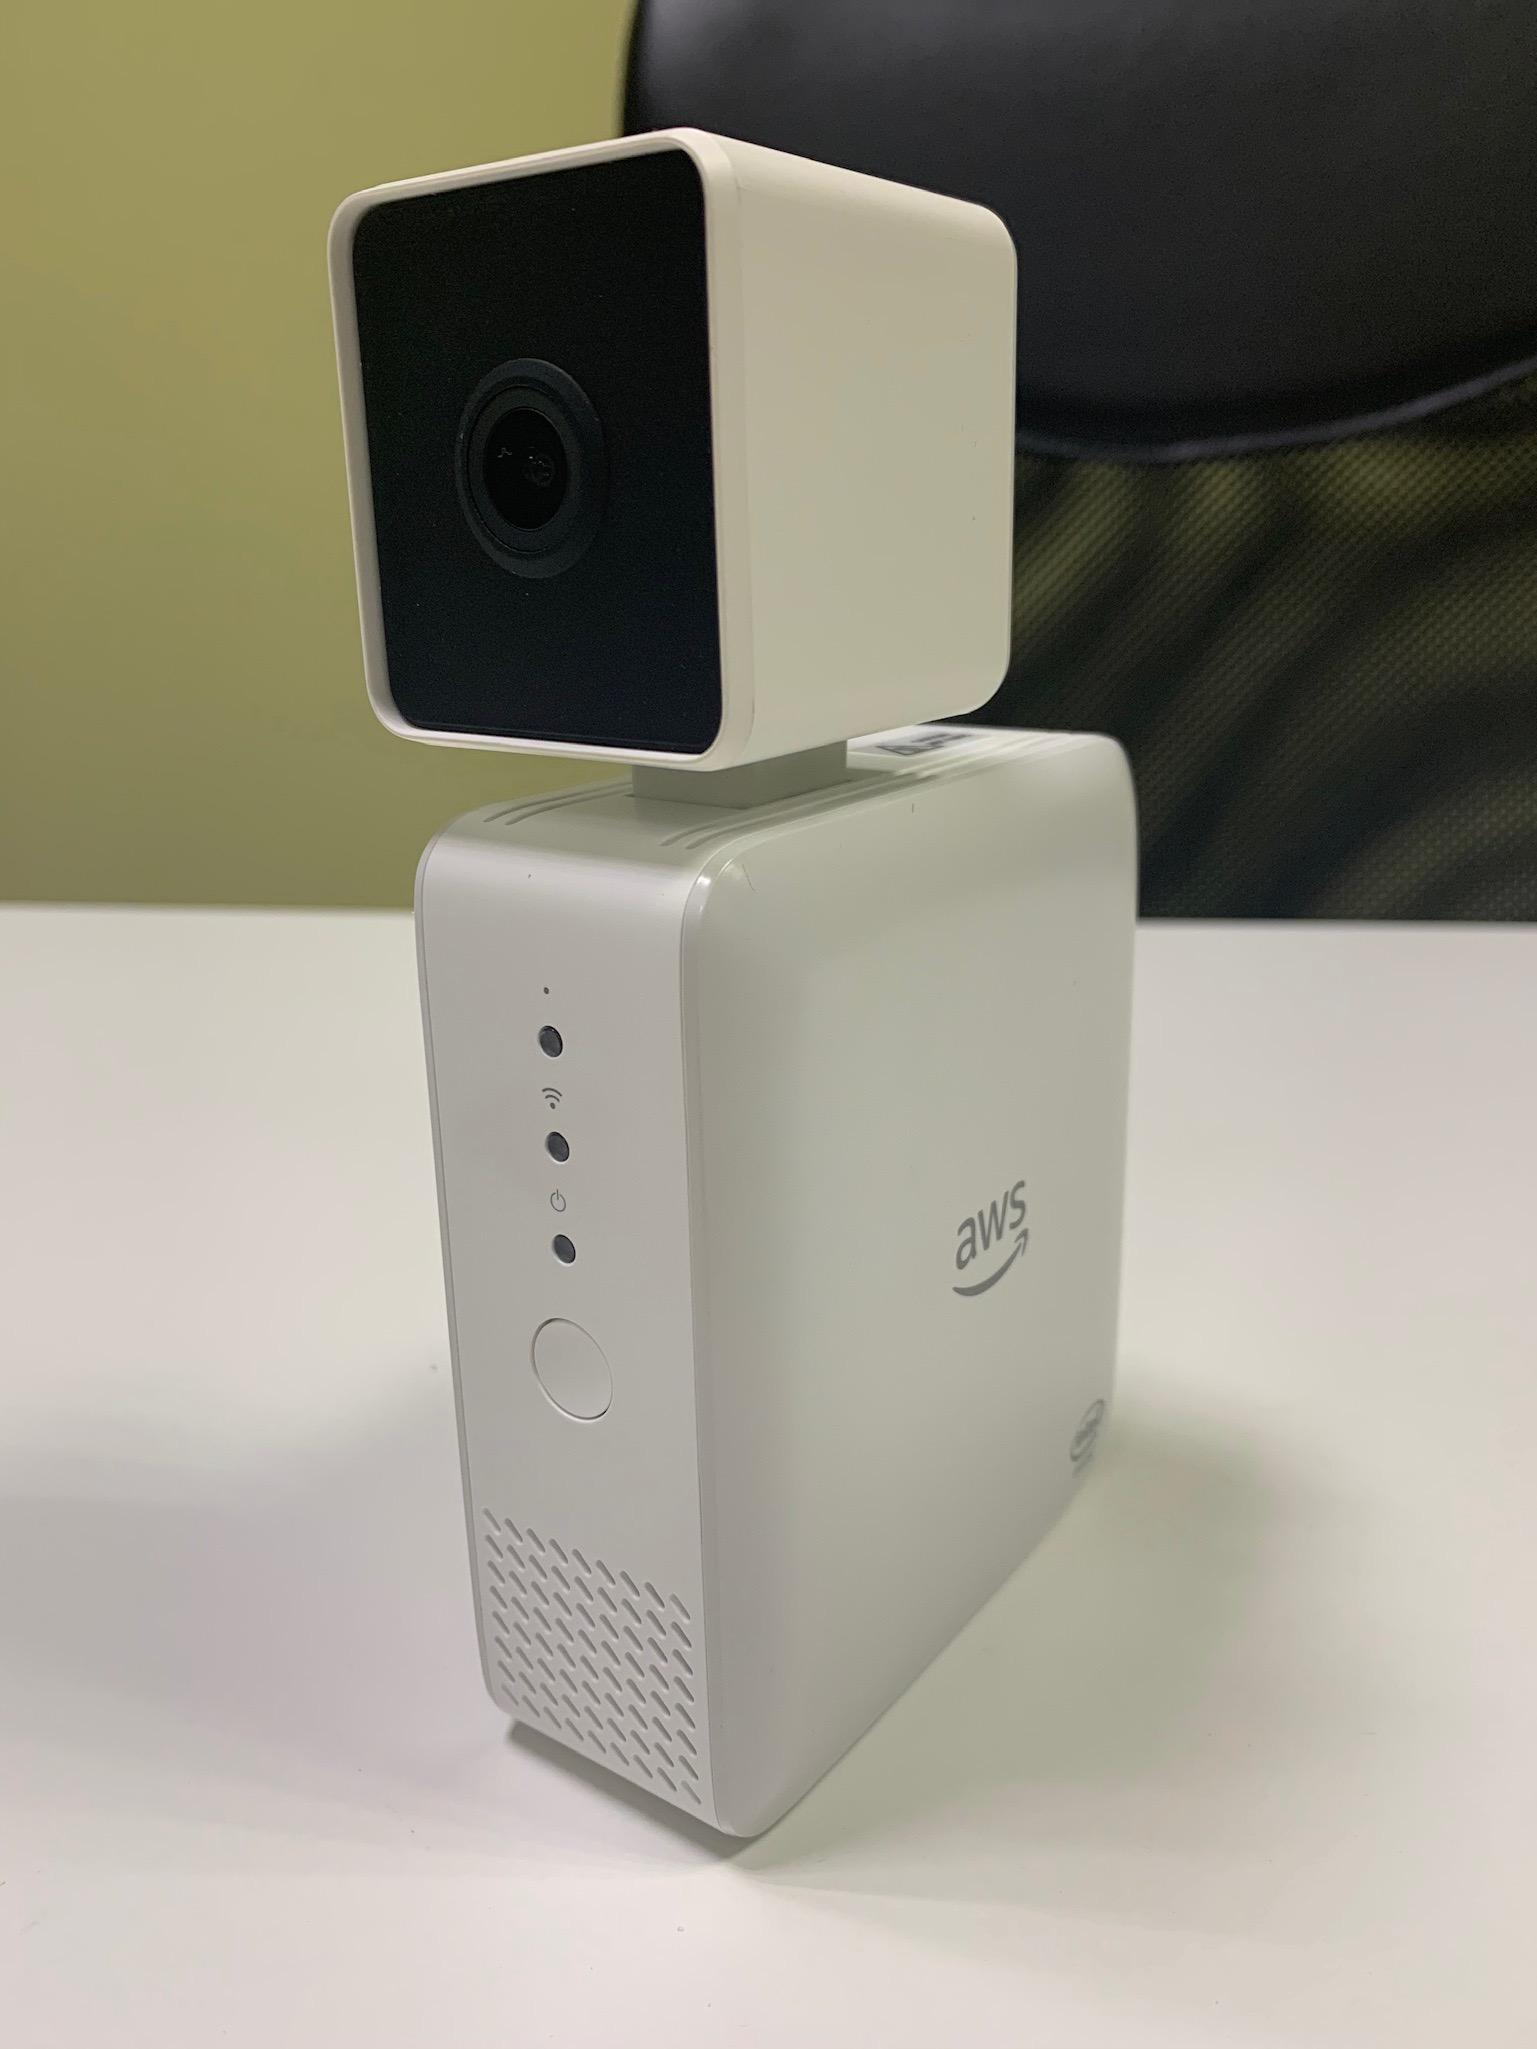 Камера Amazon DeepLens с глубоким обучением. Распаковка, подключение и развертывание проекта - 6